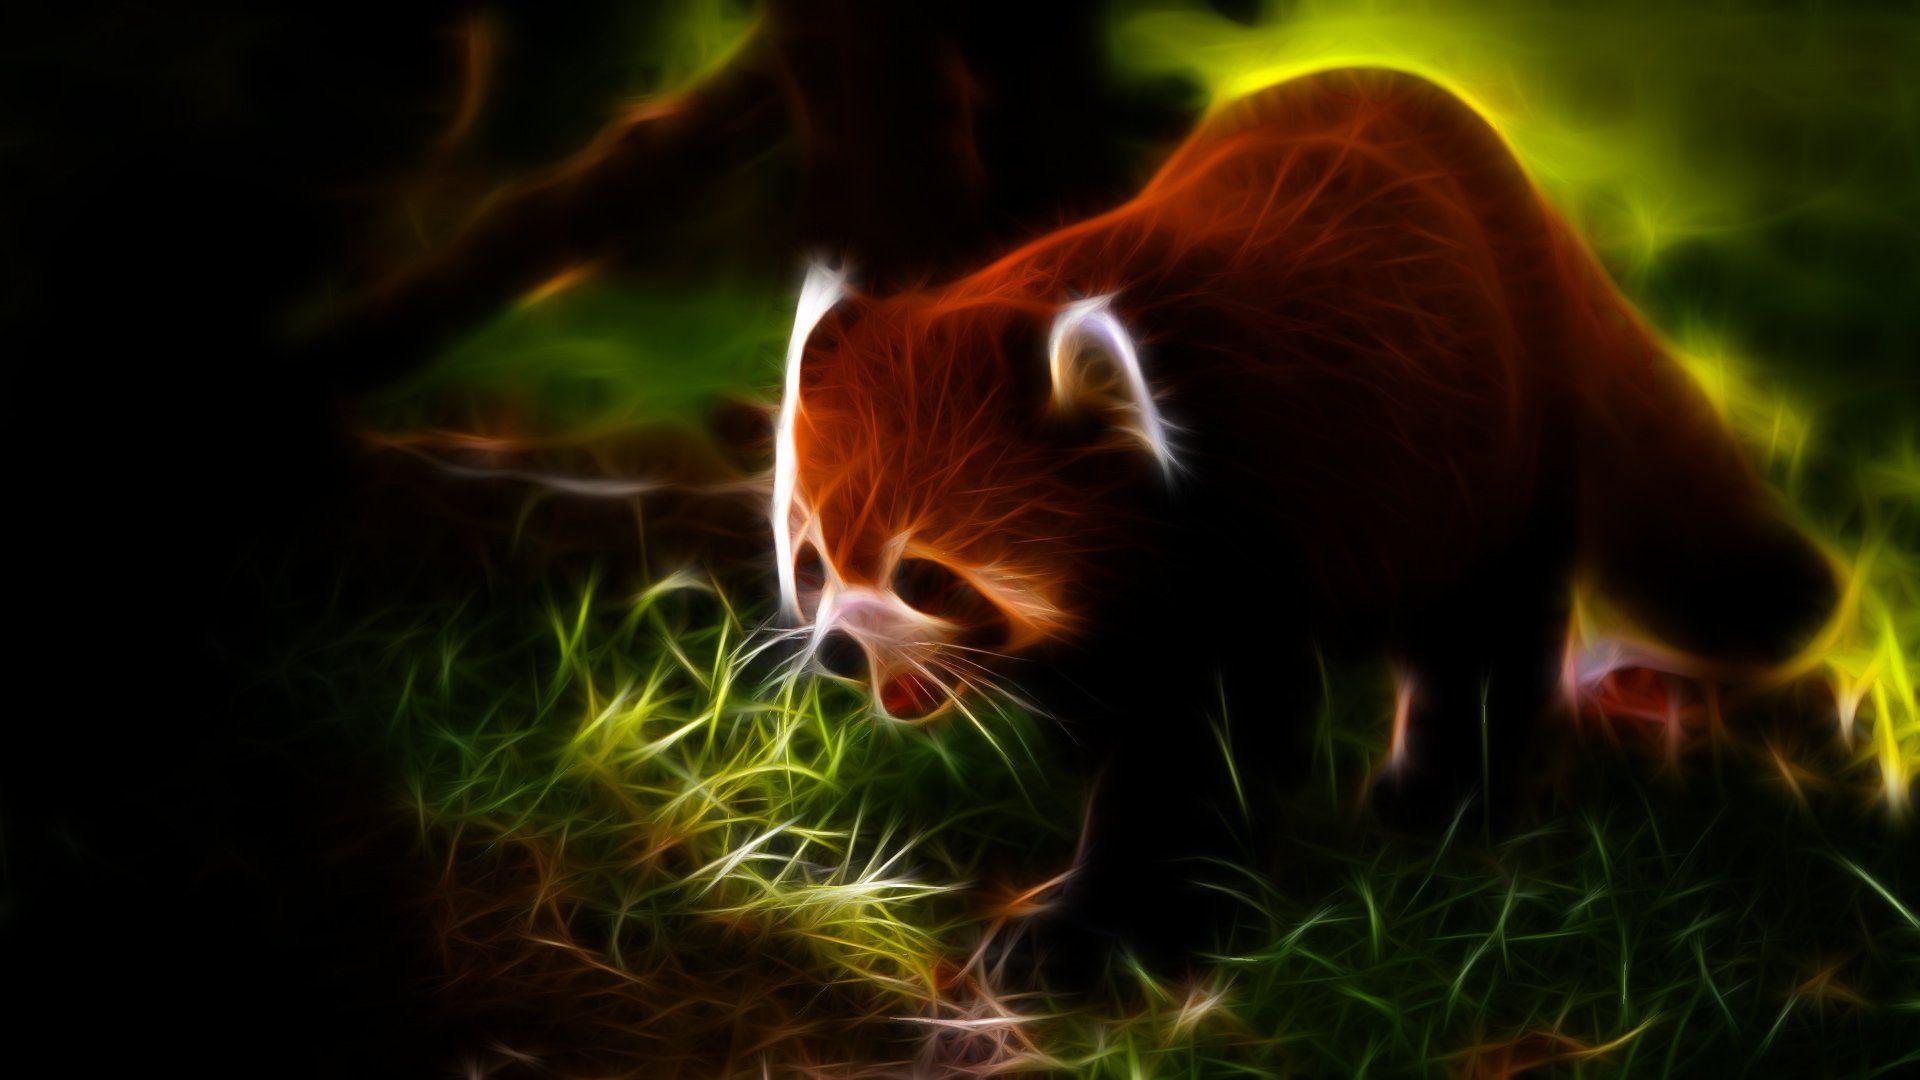 Animals Fractalius Red Pandas Wallpaper 1920x1080 241087 Panda Wallpapers Panda Art Red Panda